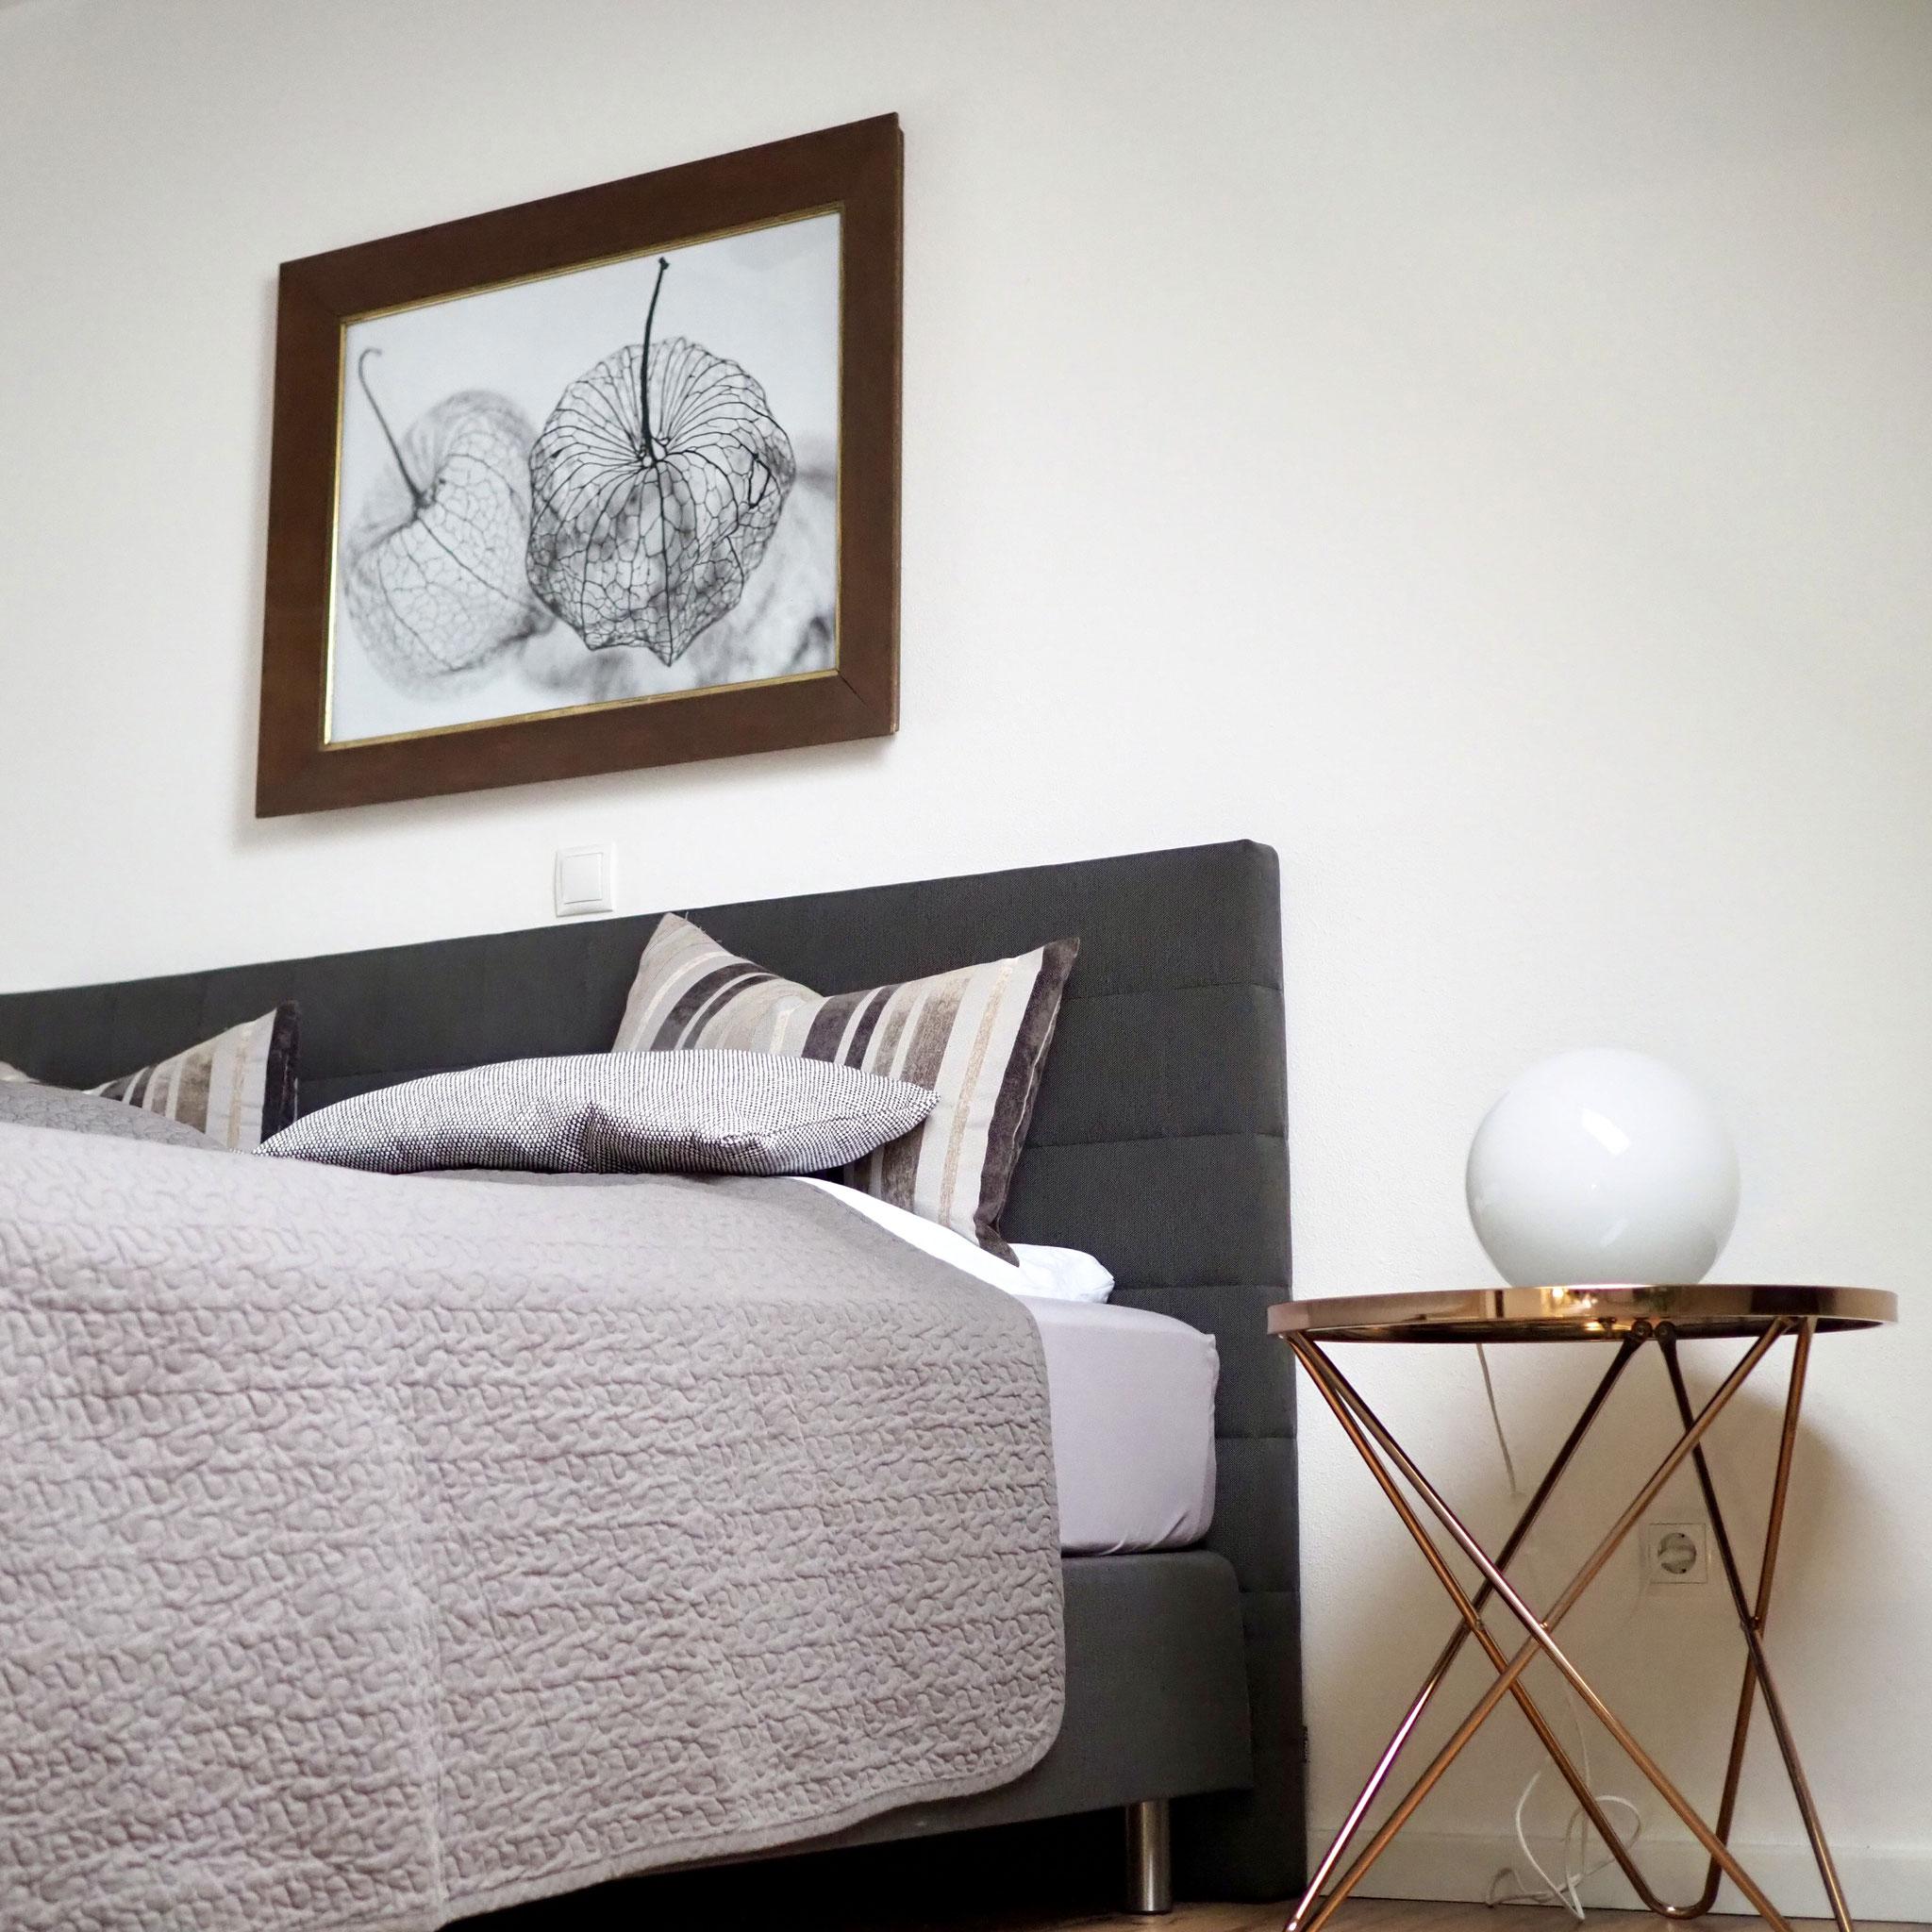 Ferienwohnung Schwerin - Schlafzimmer mit Boxspringbett